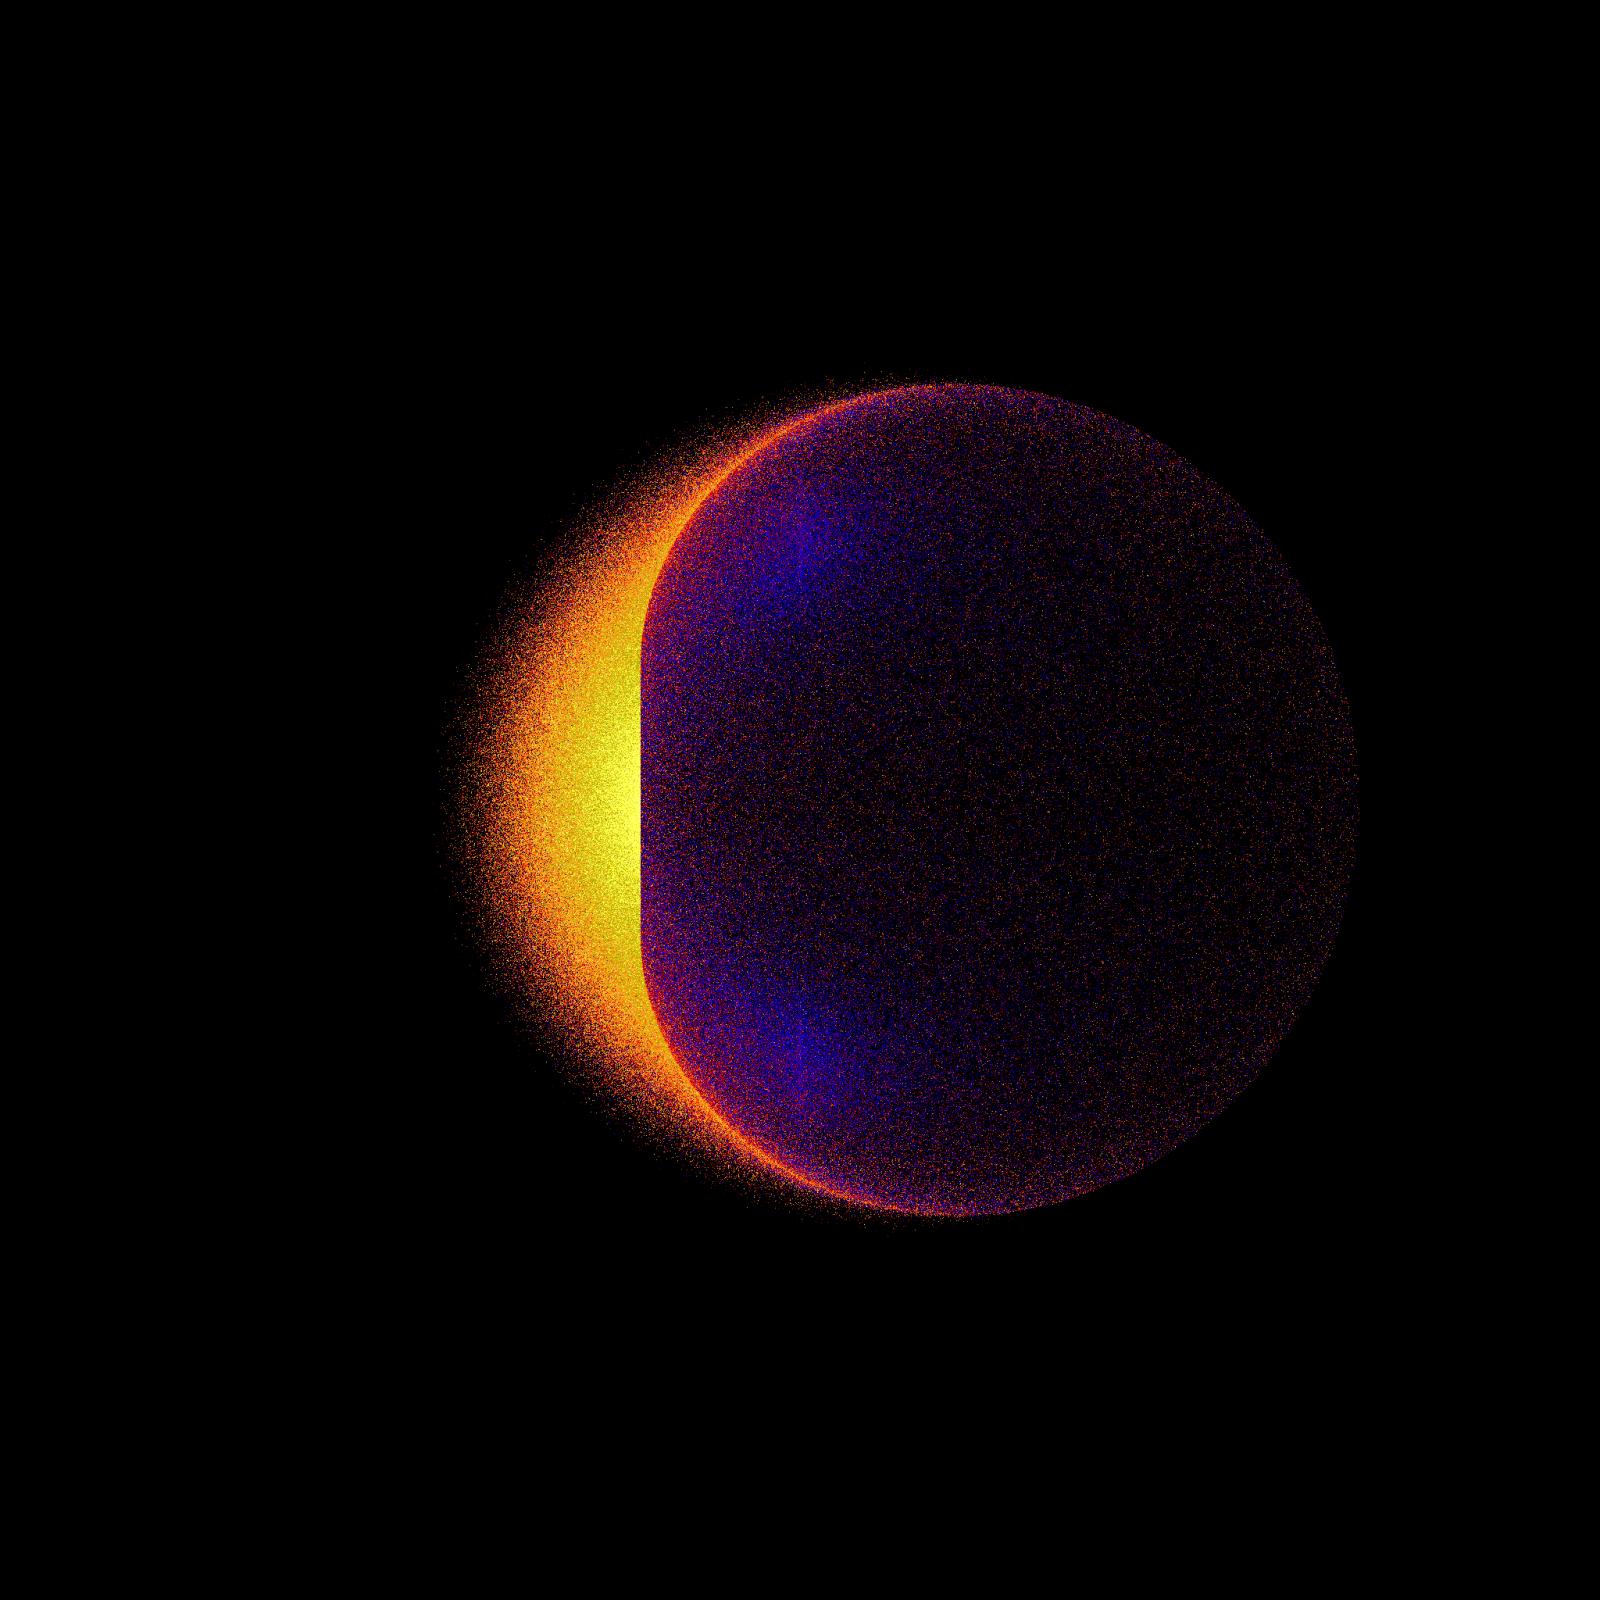 gamma ray light from black hole